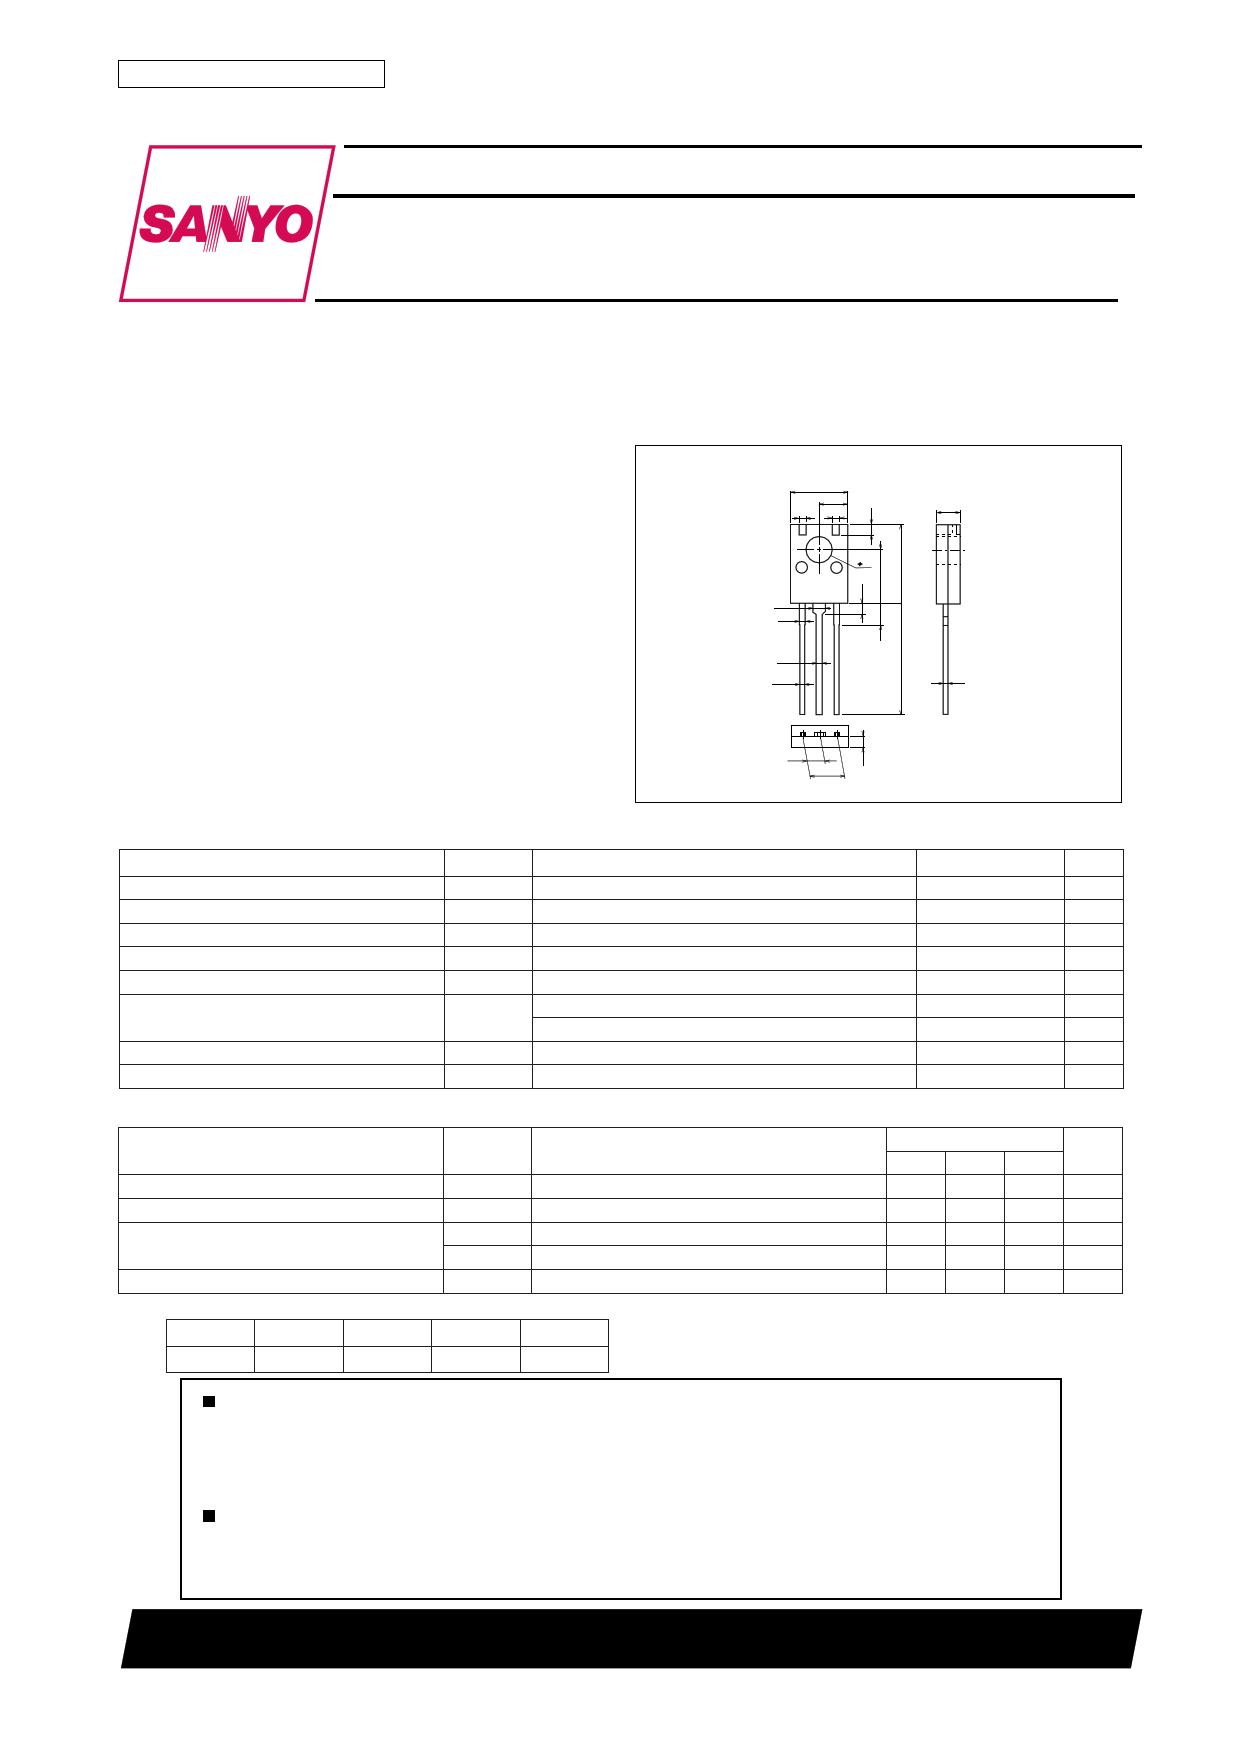 C3953 datasheet image